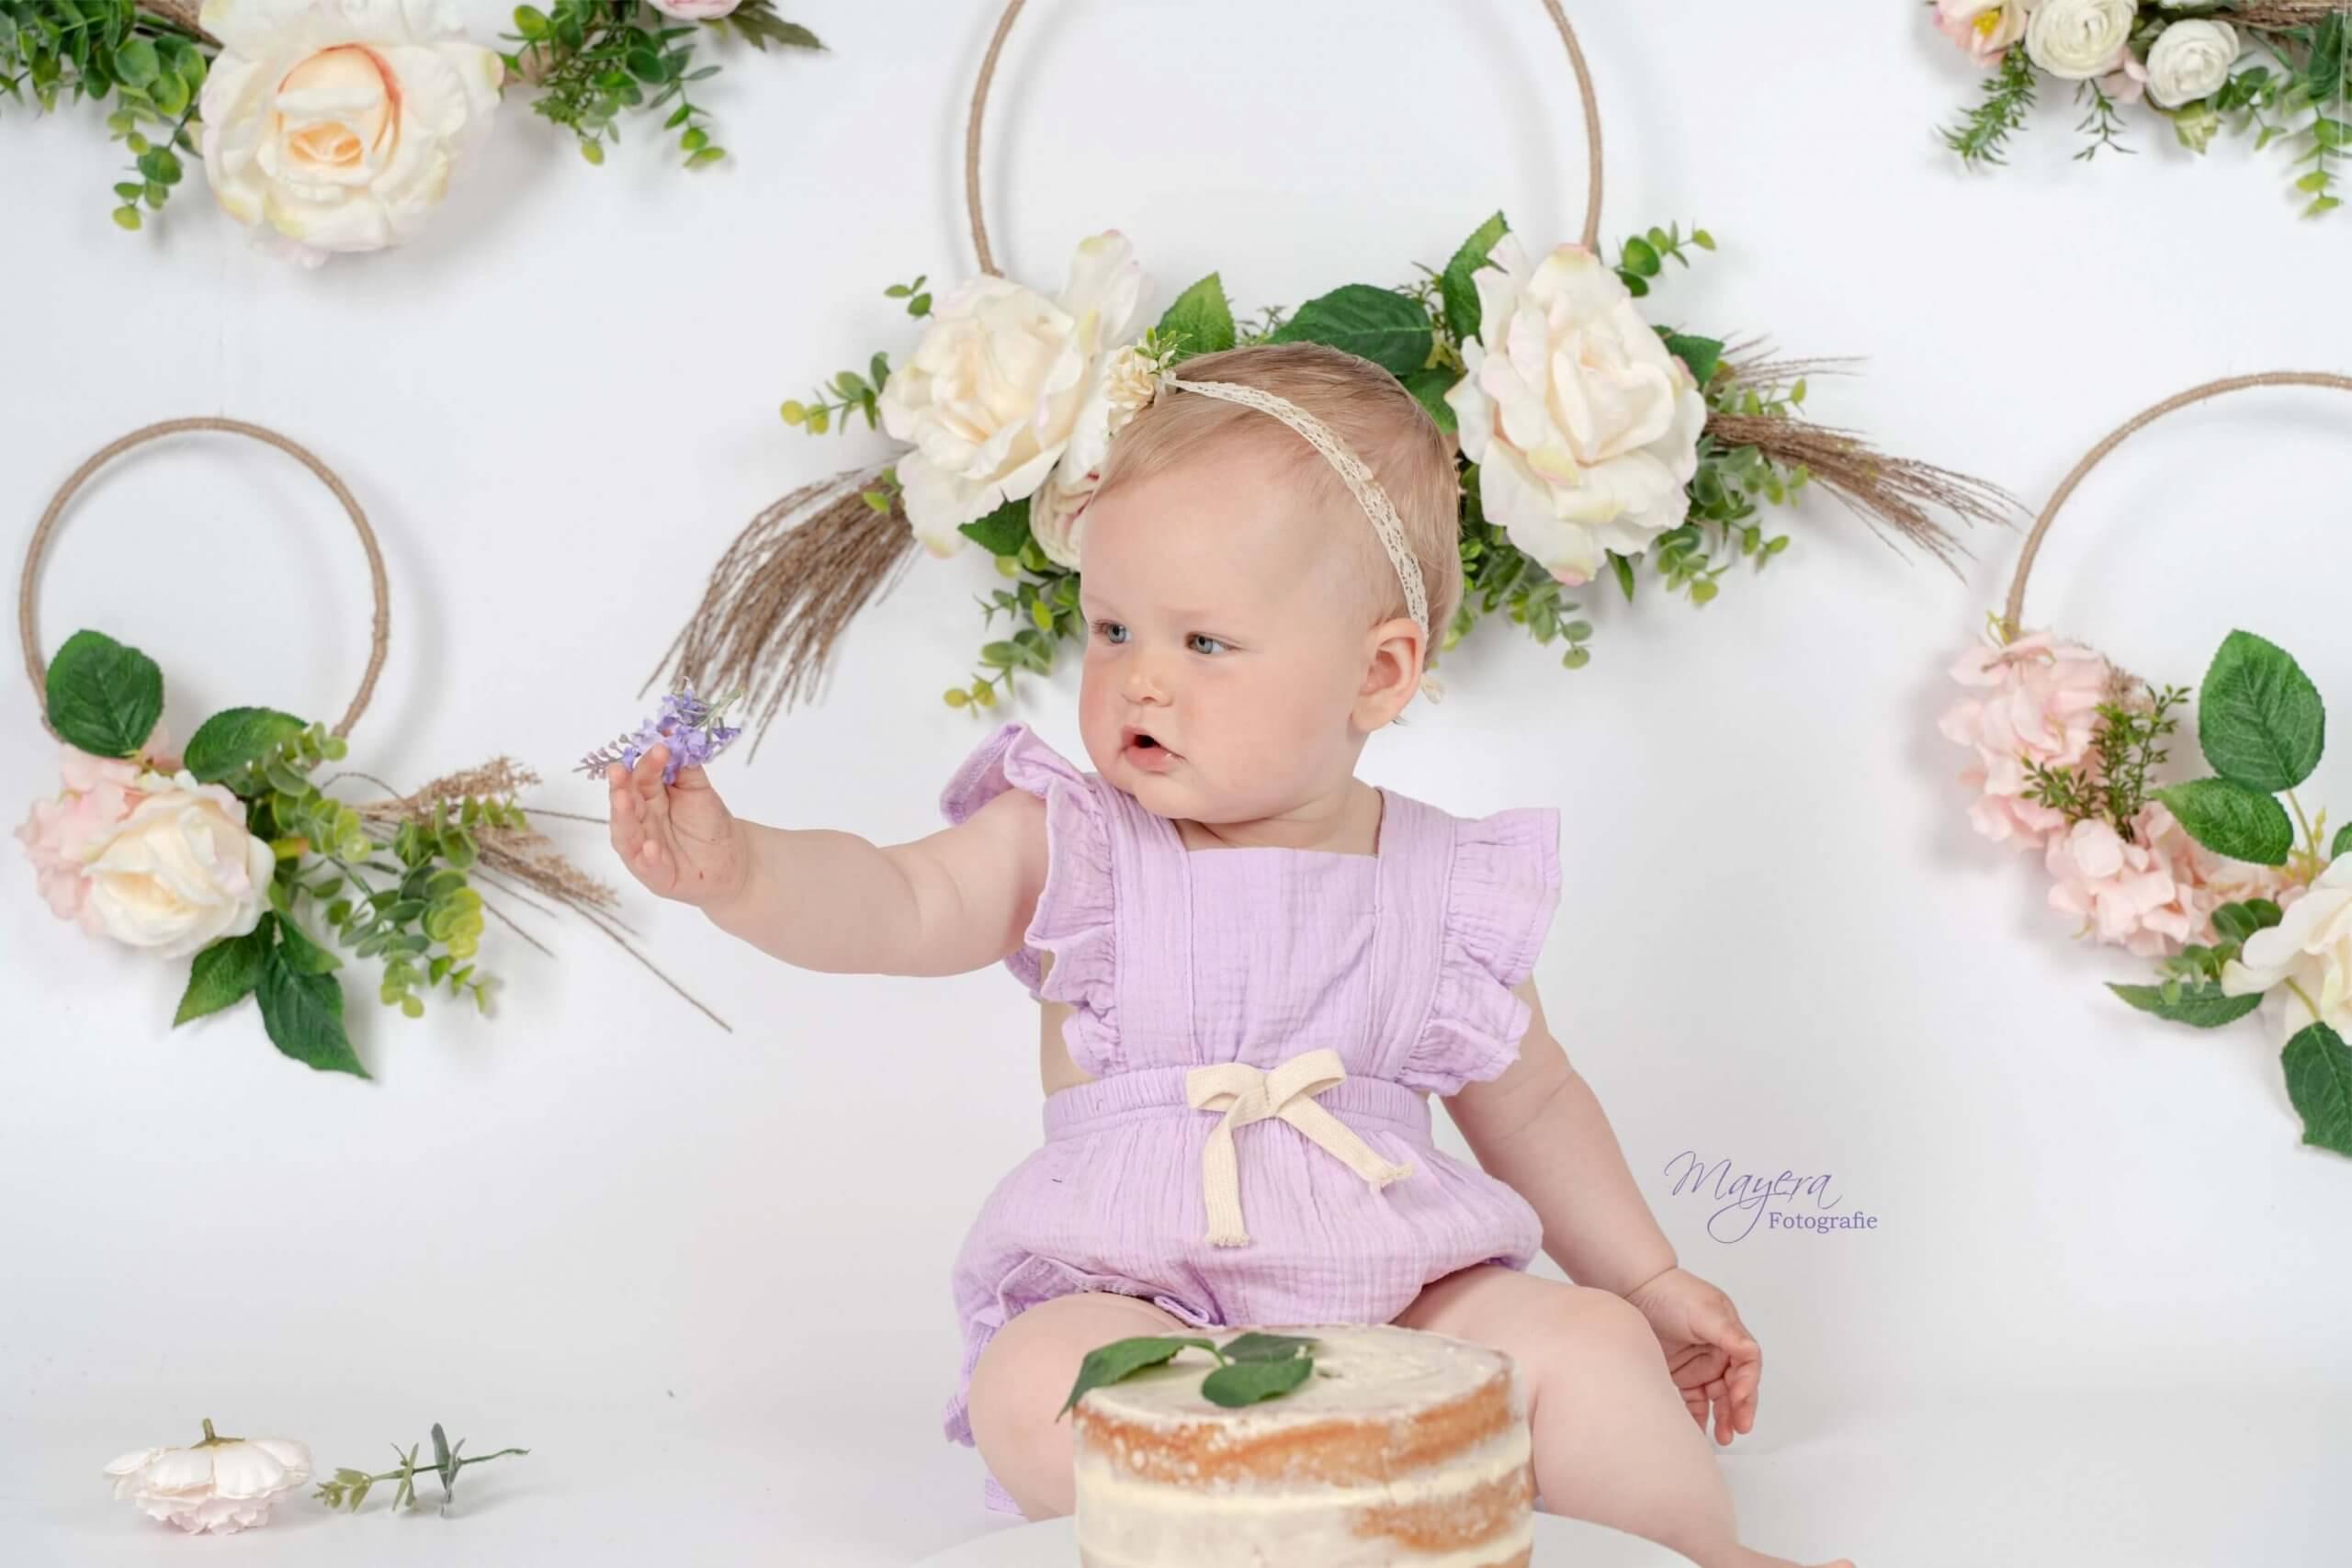 Cake smash baby bloemen boho fotoshoot studio flowers